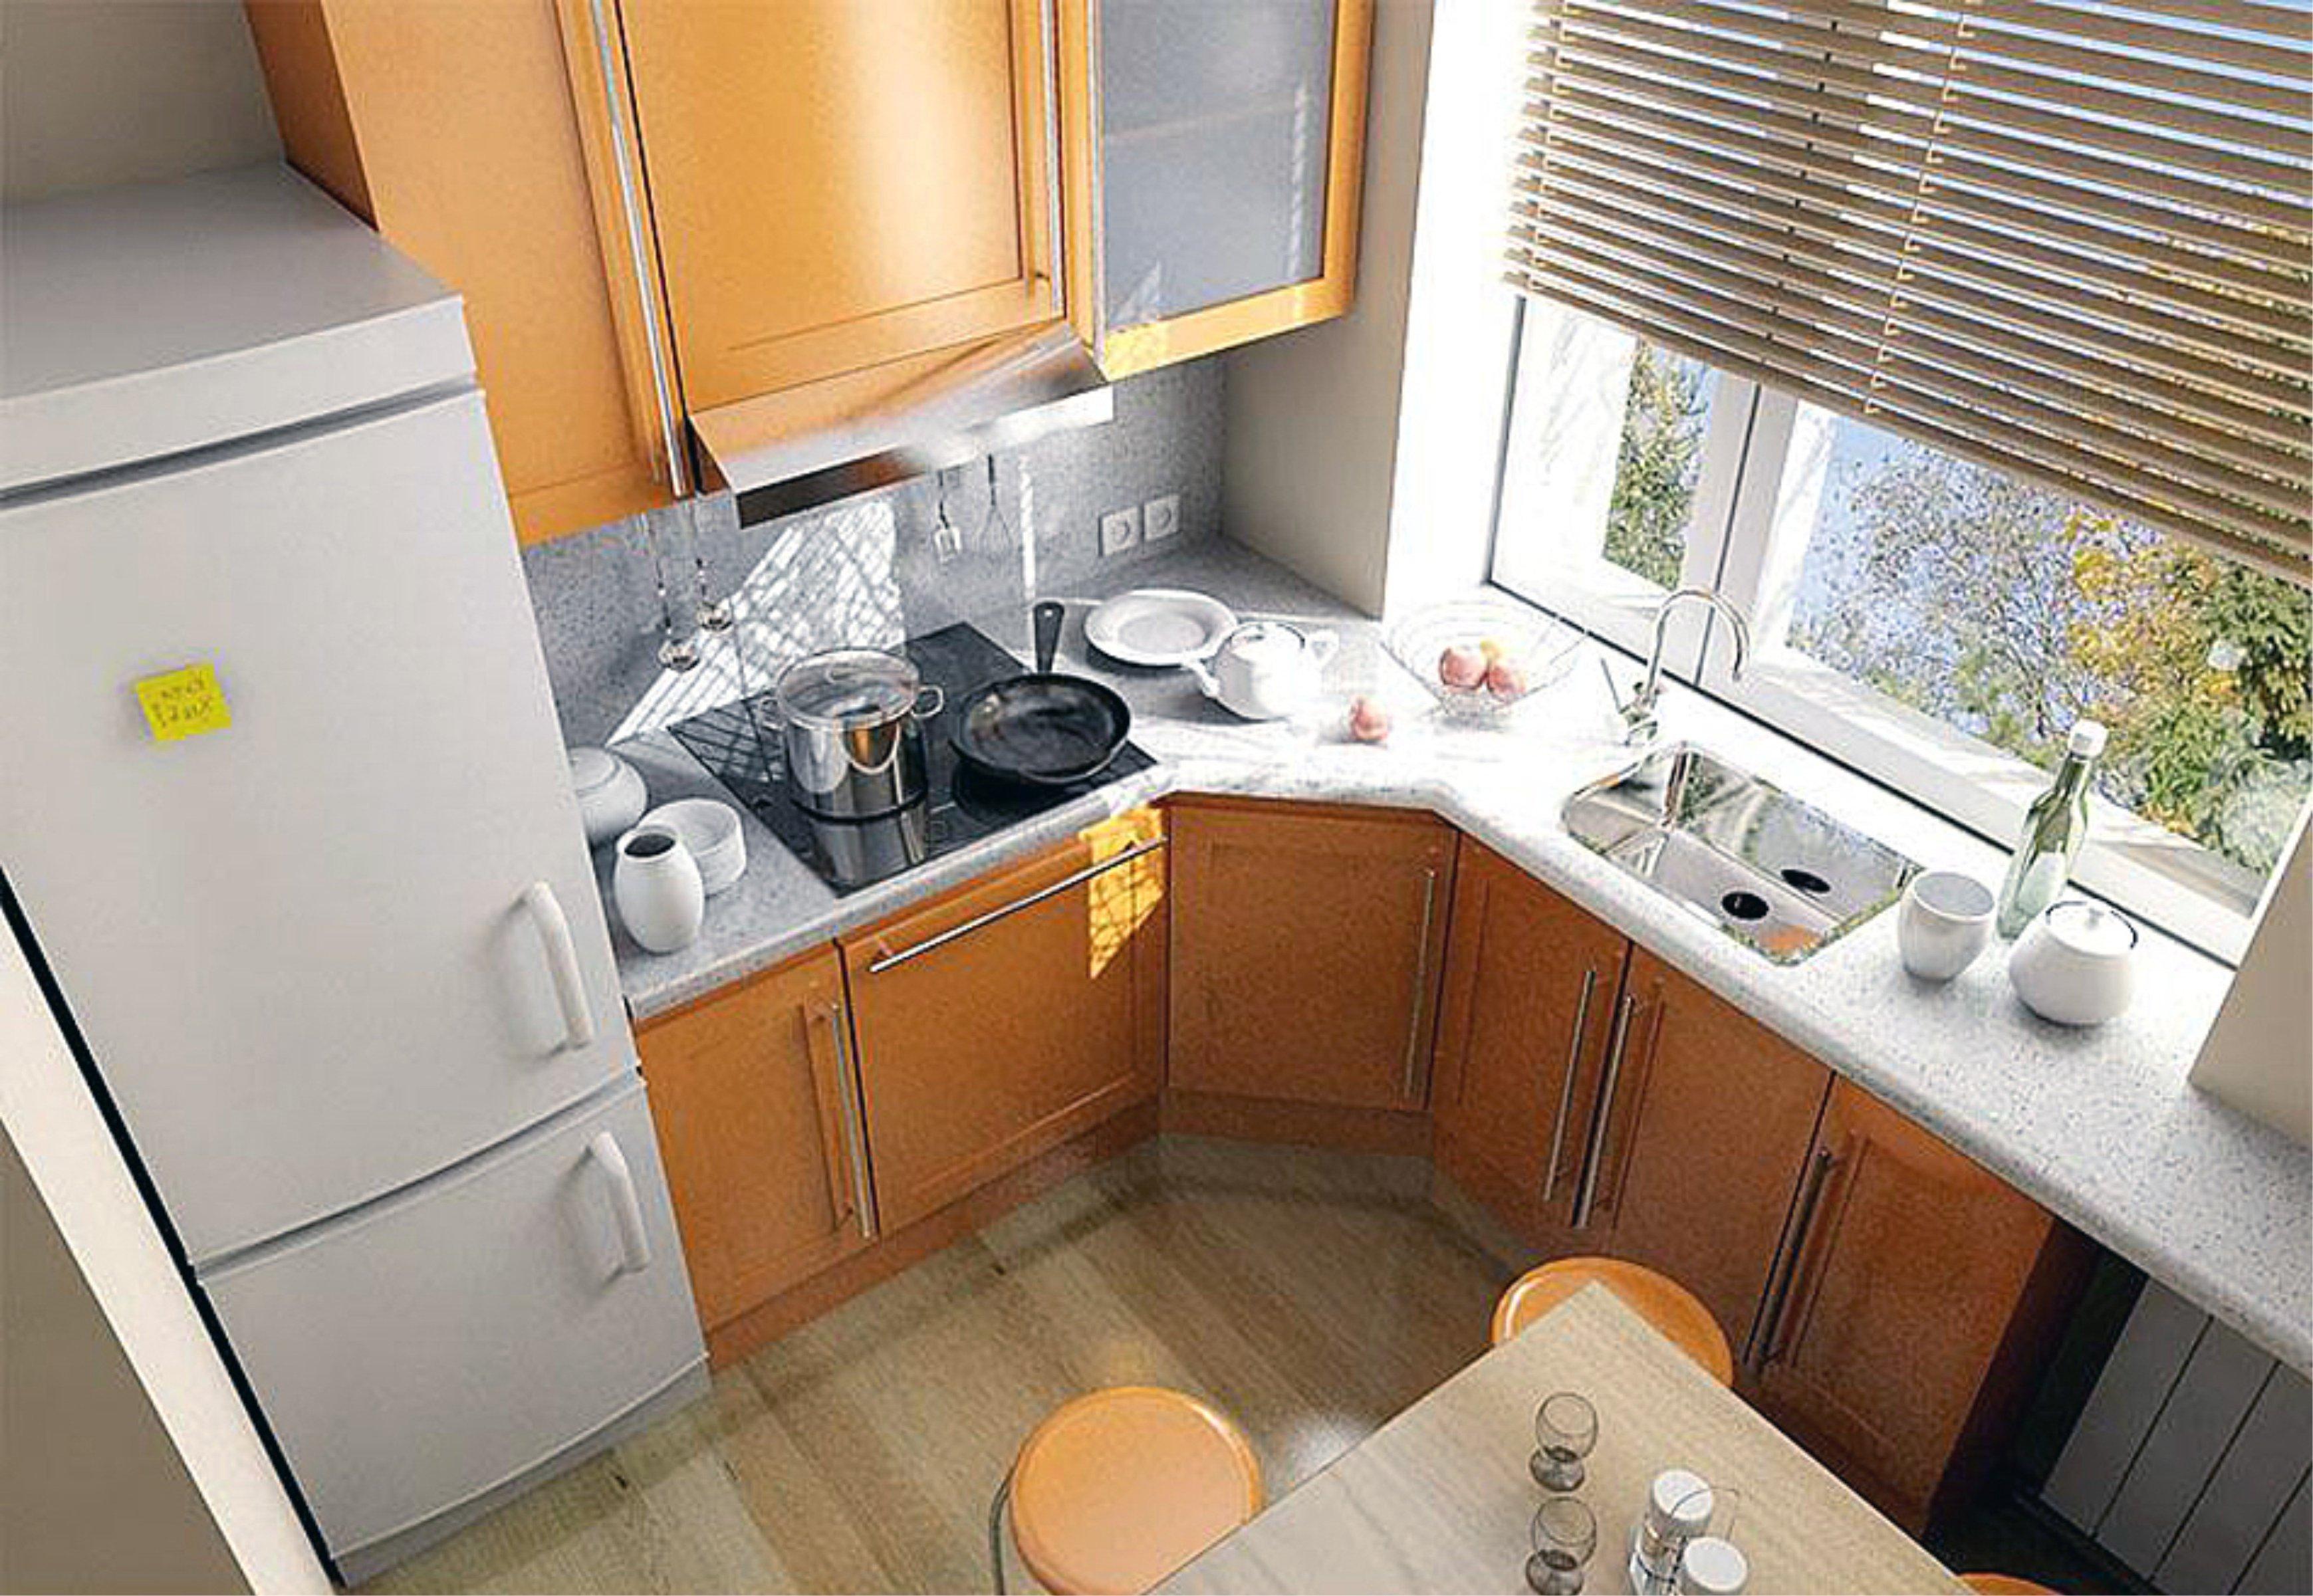 Угловая кухня своими руками на 5 кв.м